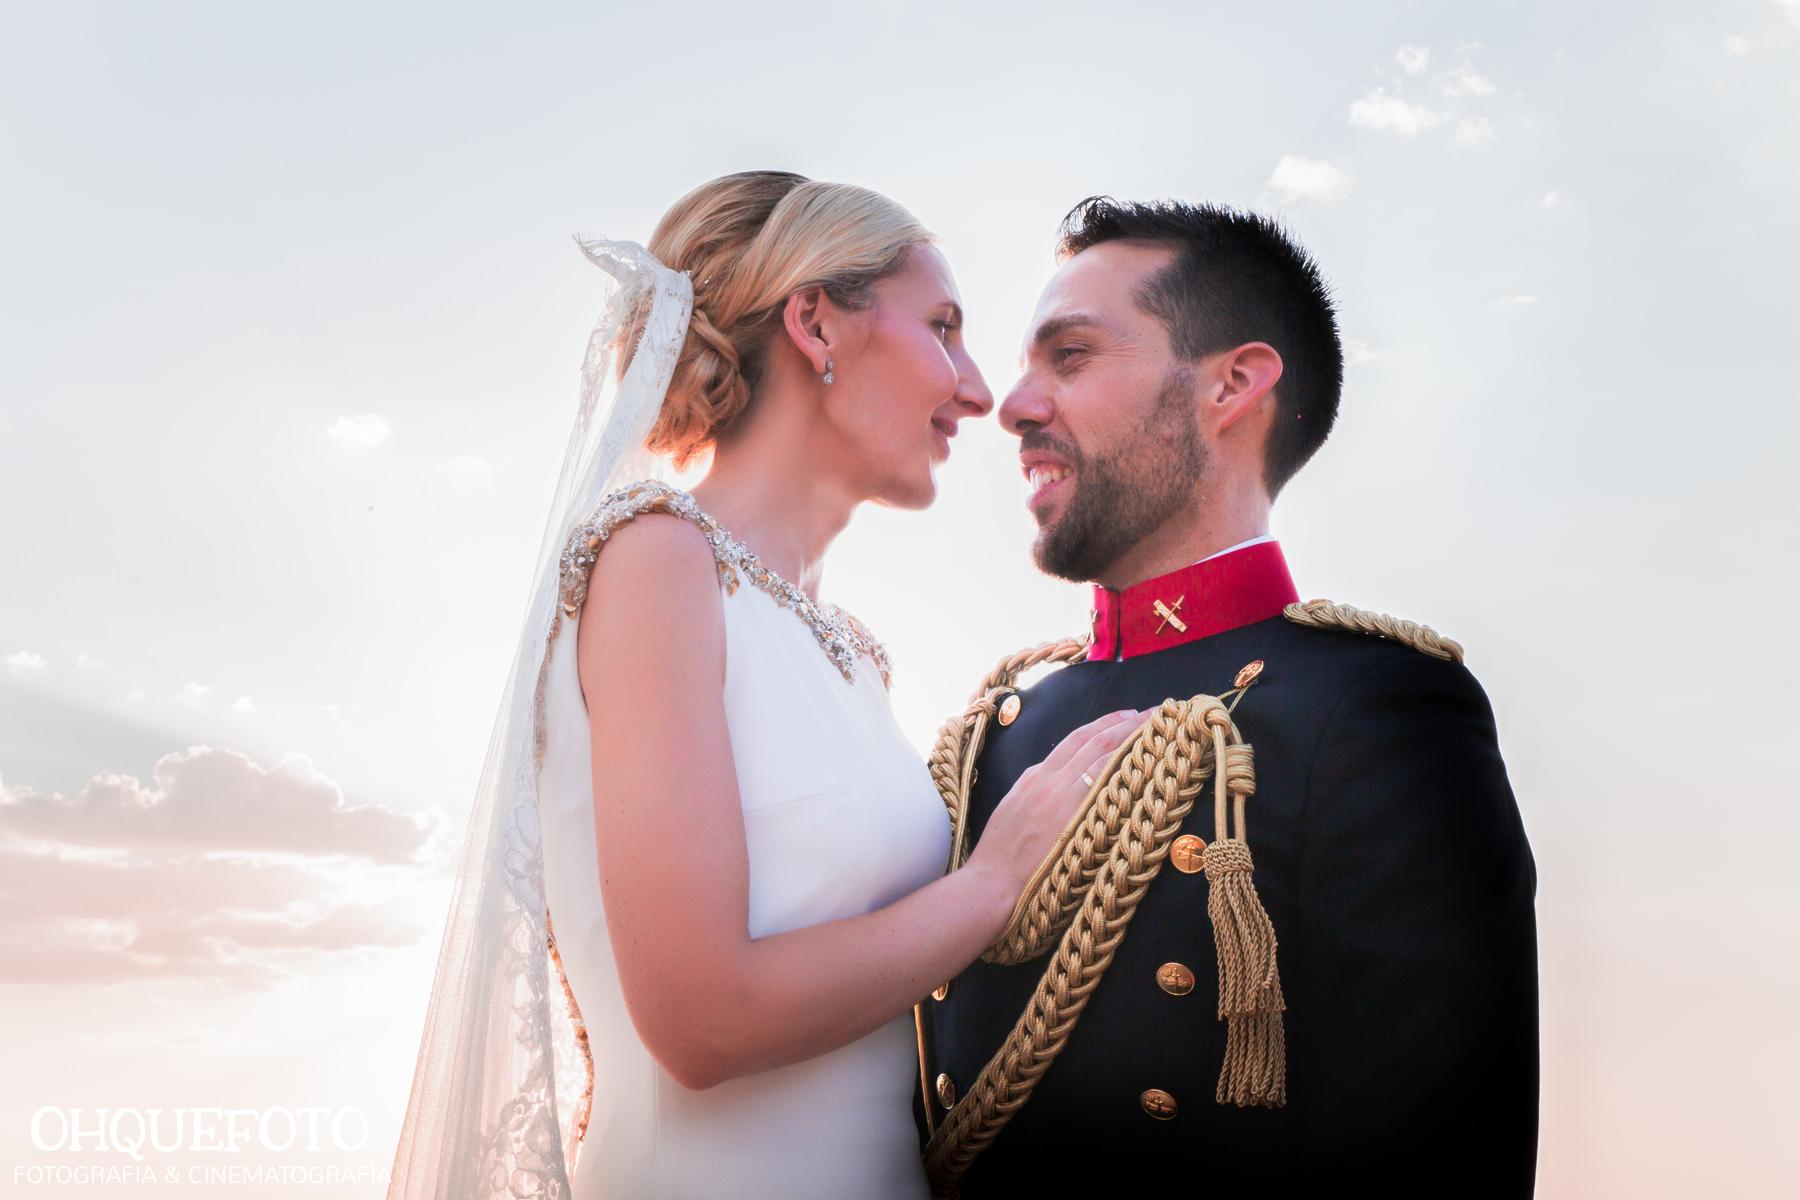 boda en la peraleda boda en cabeza del buey boda en capilla reportaje de bodas en almaden video de bodas en cordoba464 - Jose y Gema - Boda en Zarza Capilla y la Finca La Peraleda (Chillón)